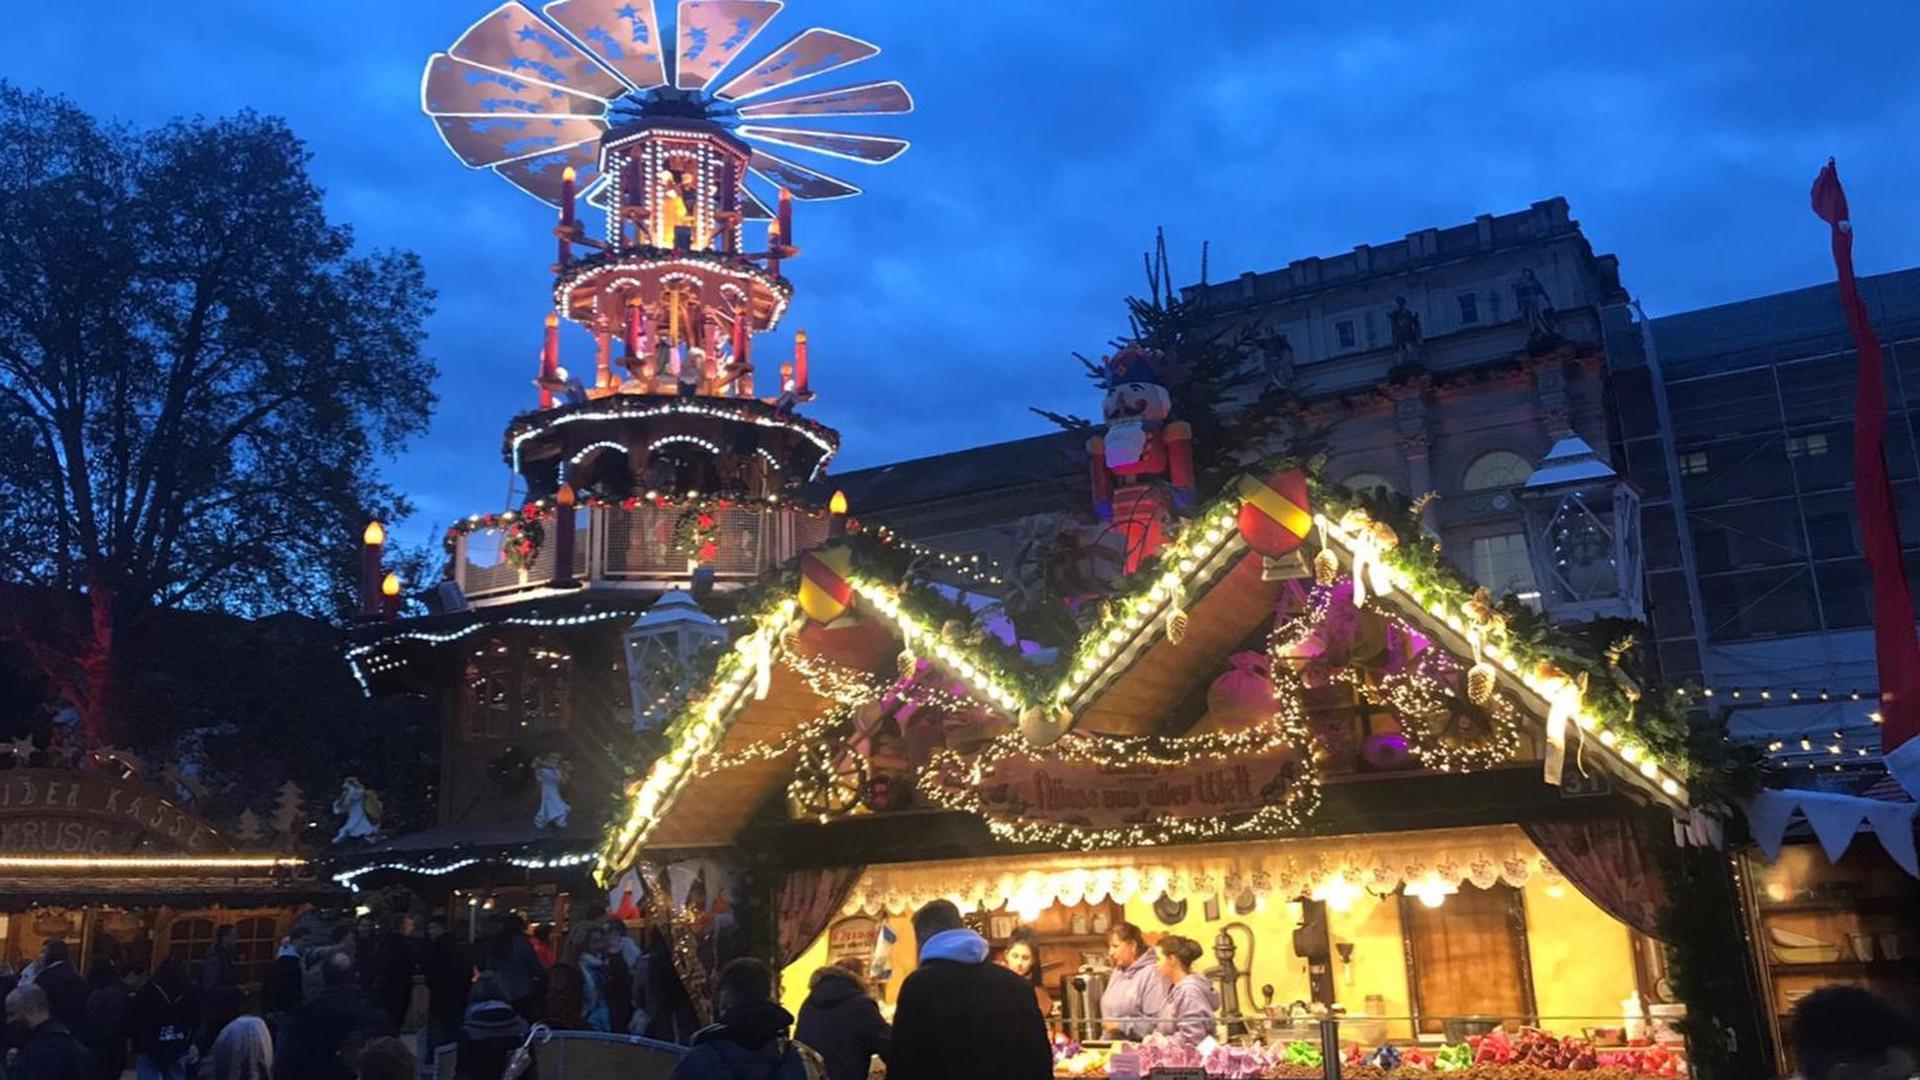 Die Glühwein-Pyramide auf dem Karlsruher Weihnachtsmarkt im Hintergrund, vorne ein Süßigkeiten-Stand.